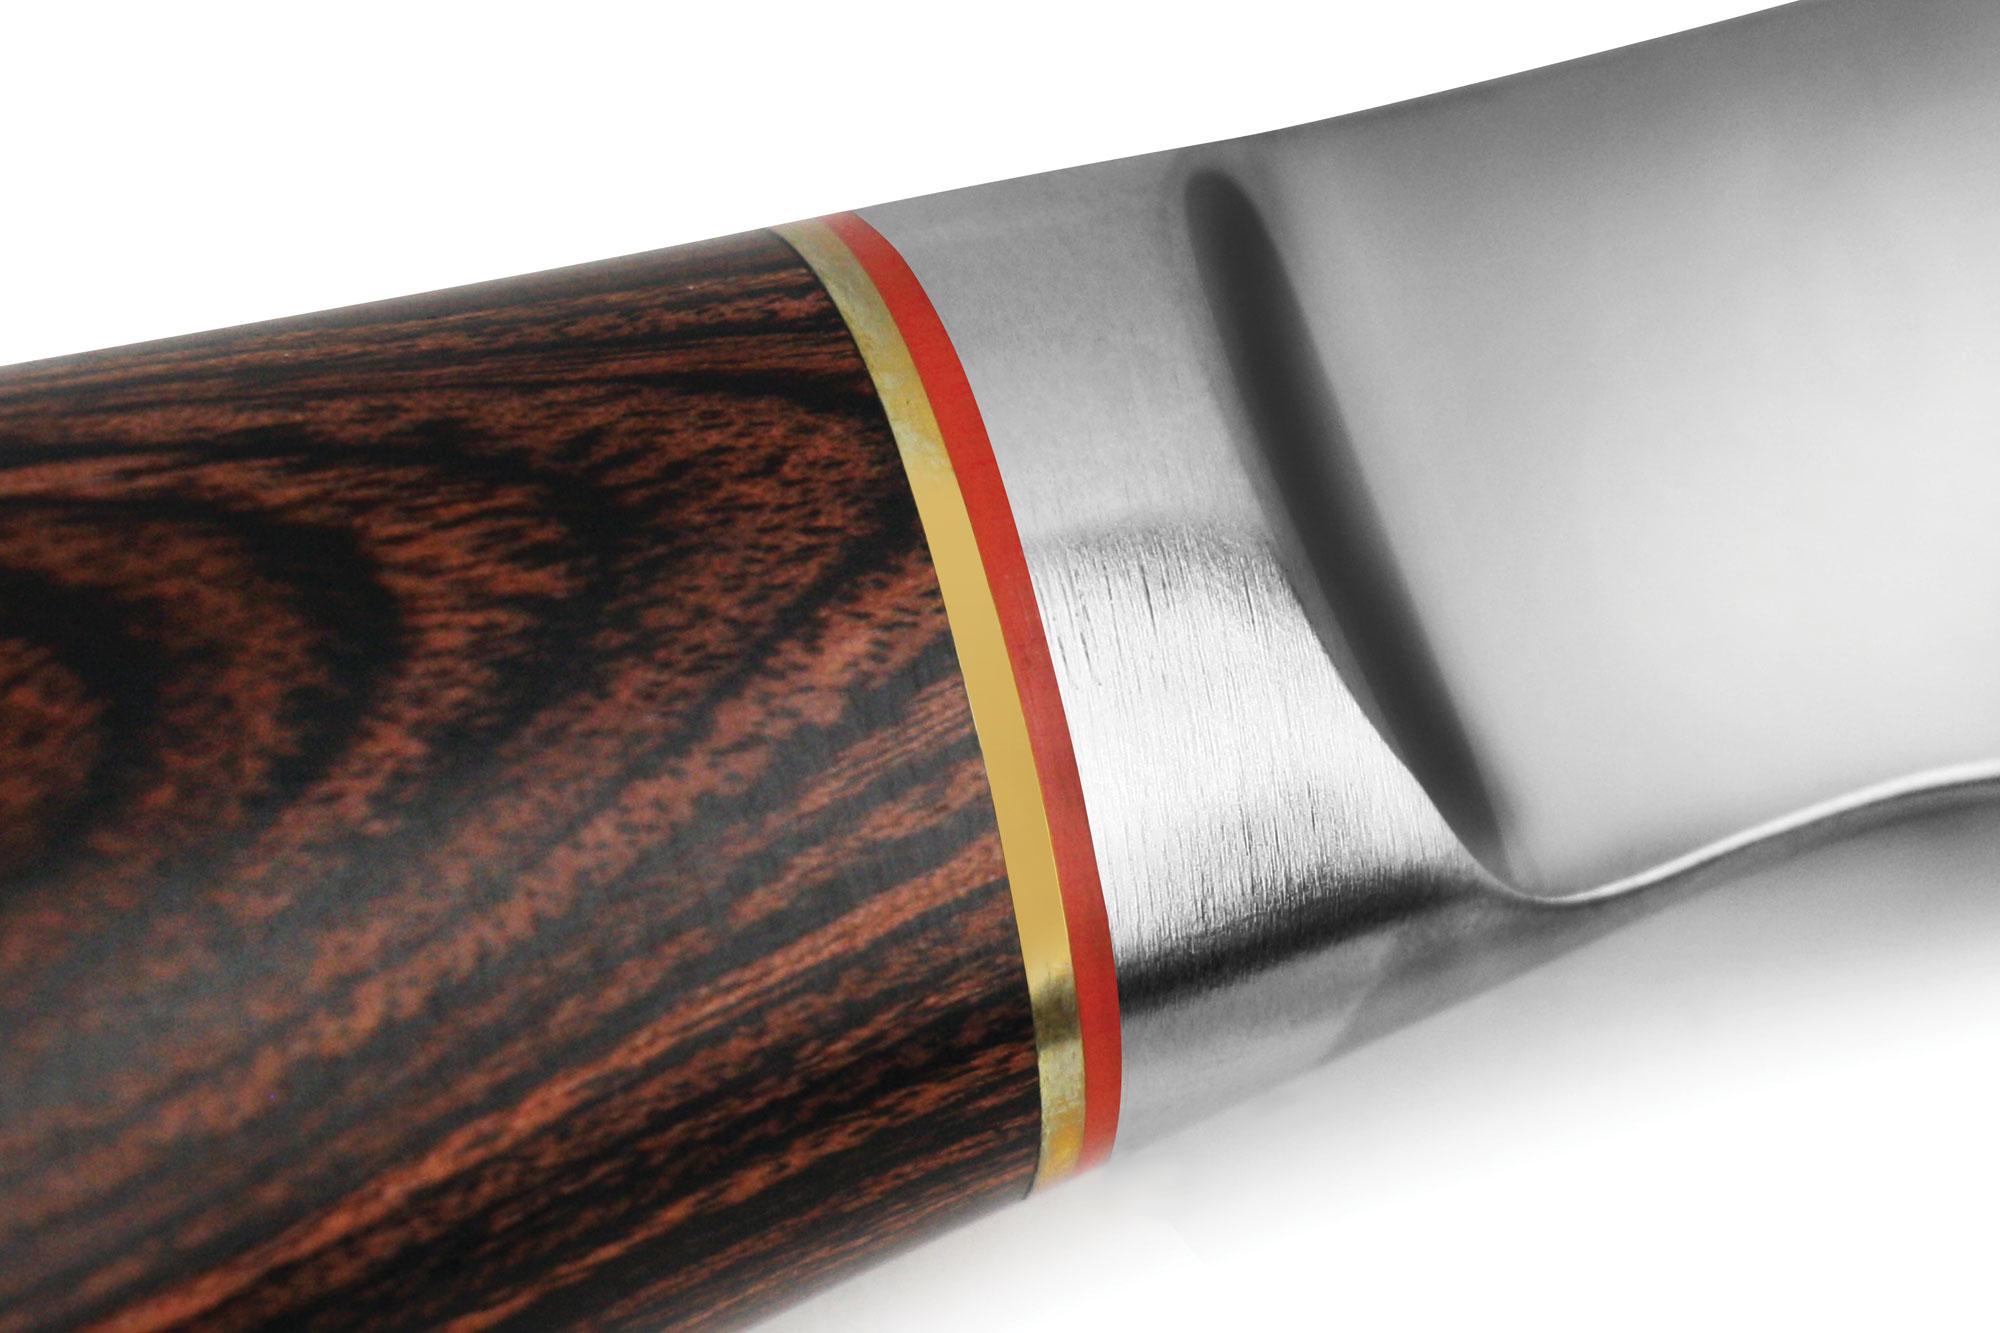 Miyabi Artisan Chef S Knife 8 Inch Japanese Sg2 Knives